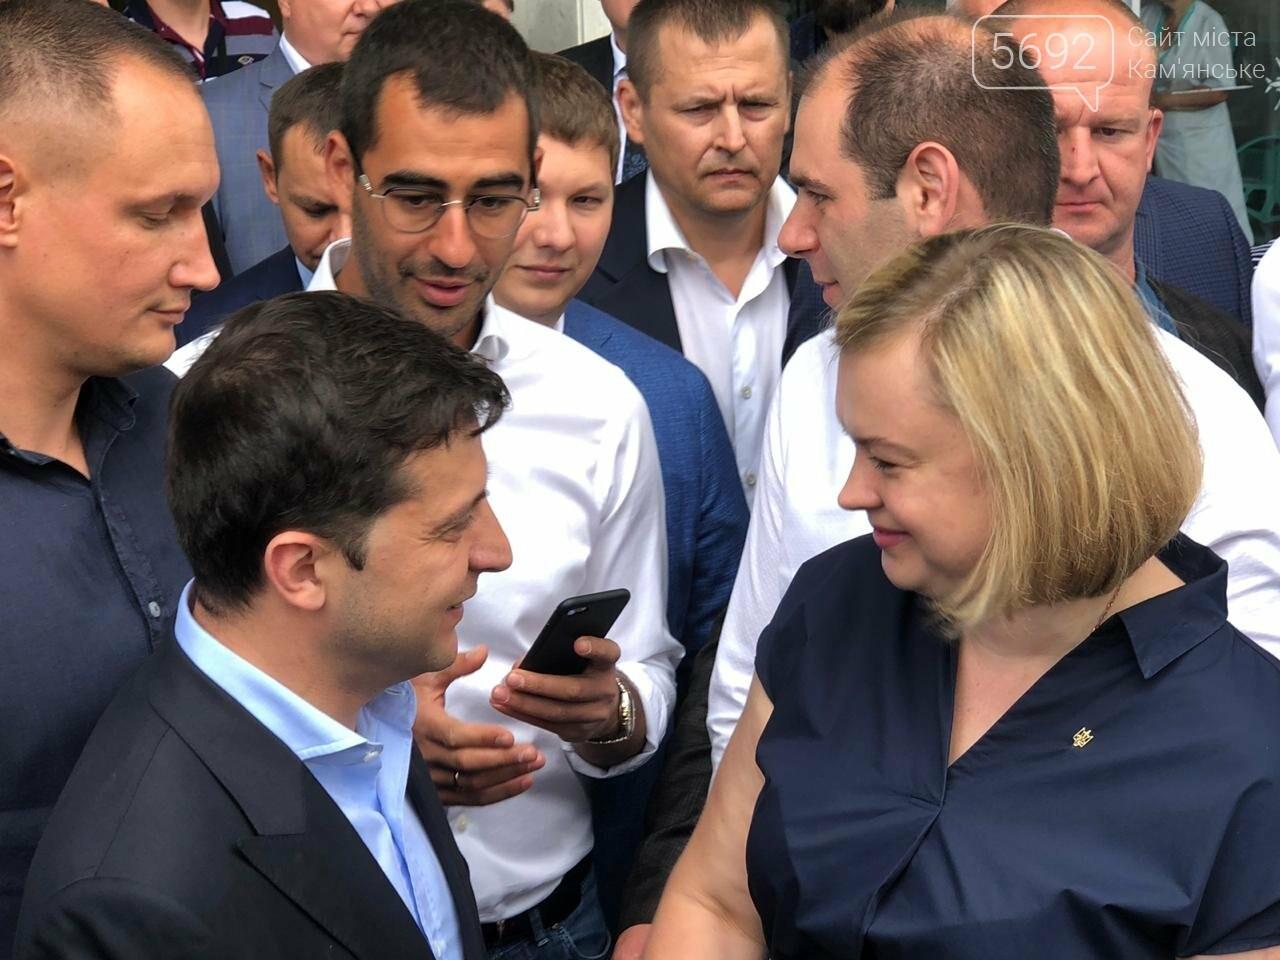 """Кандидат в народные депутаты Анна Личман: """"Мощная поддержка - это большая  ответственность"""", фото-2"""